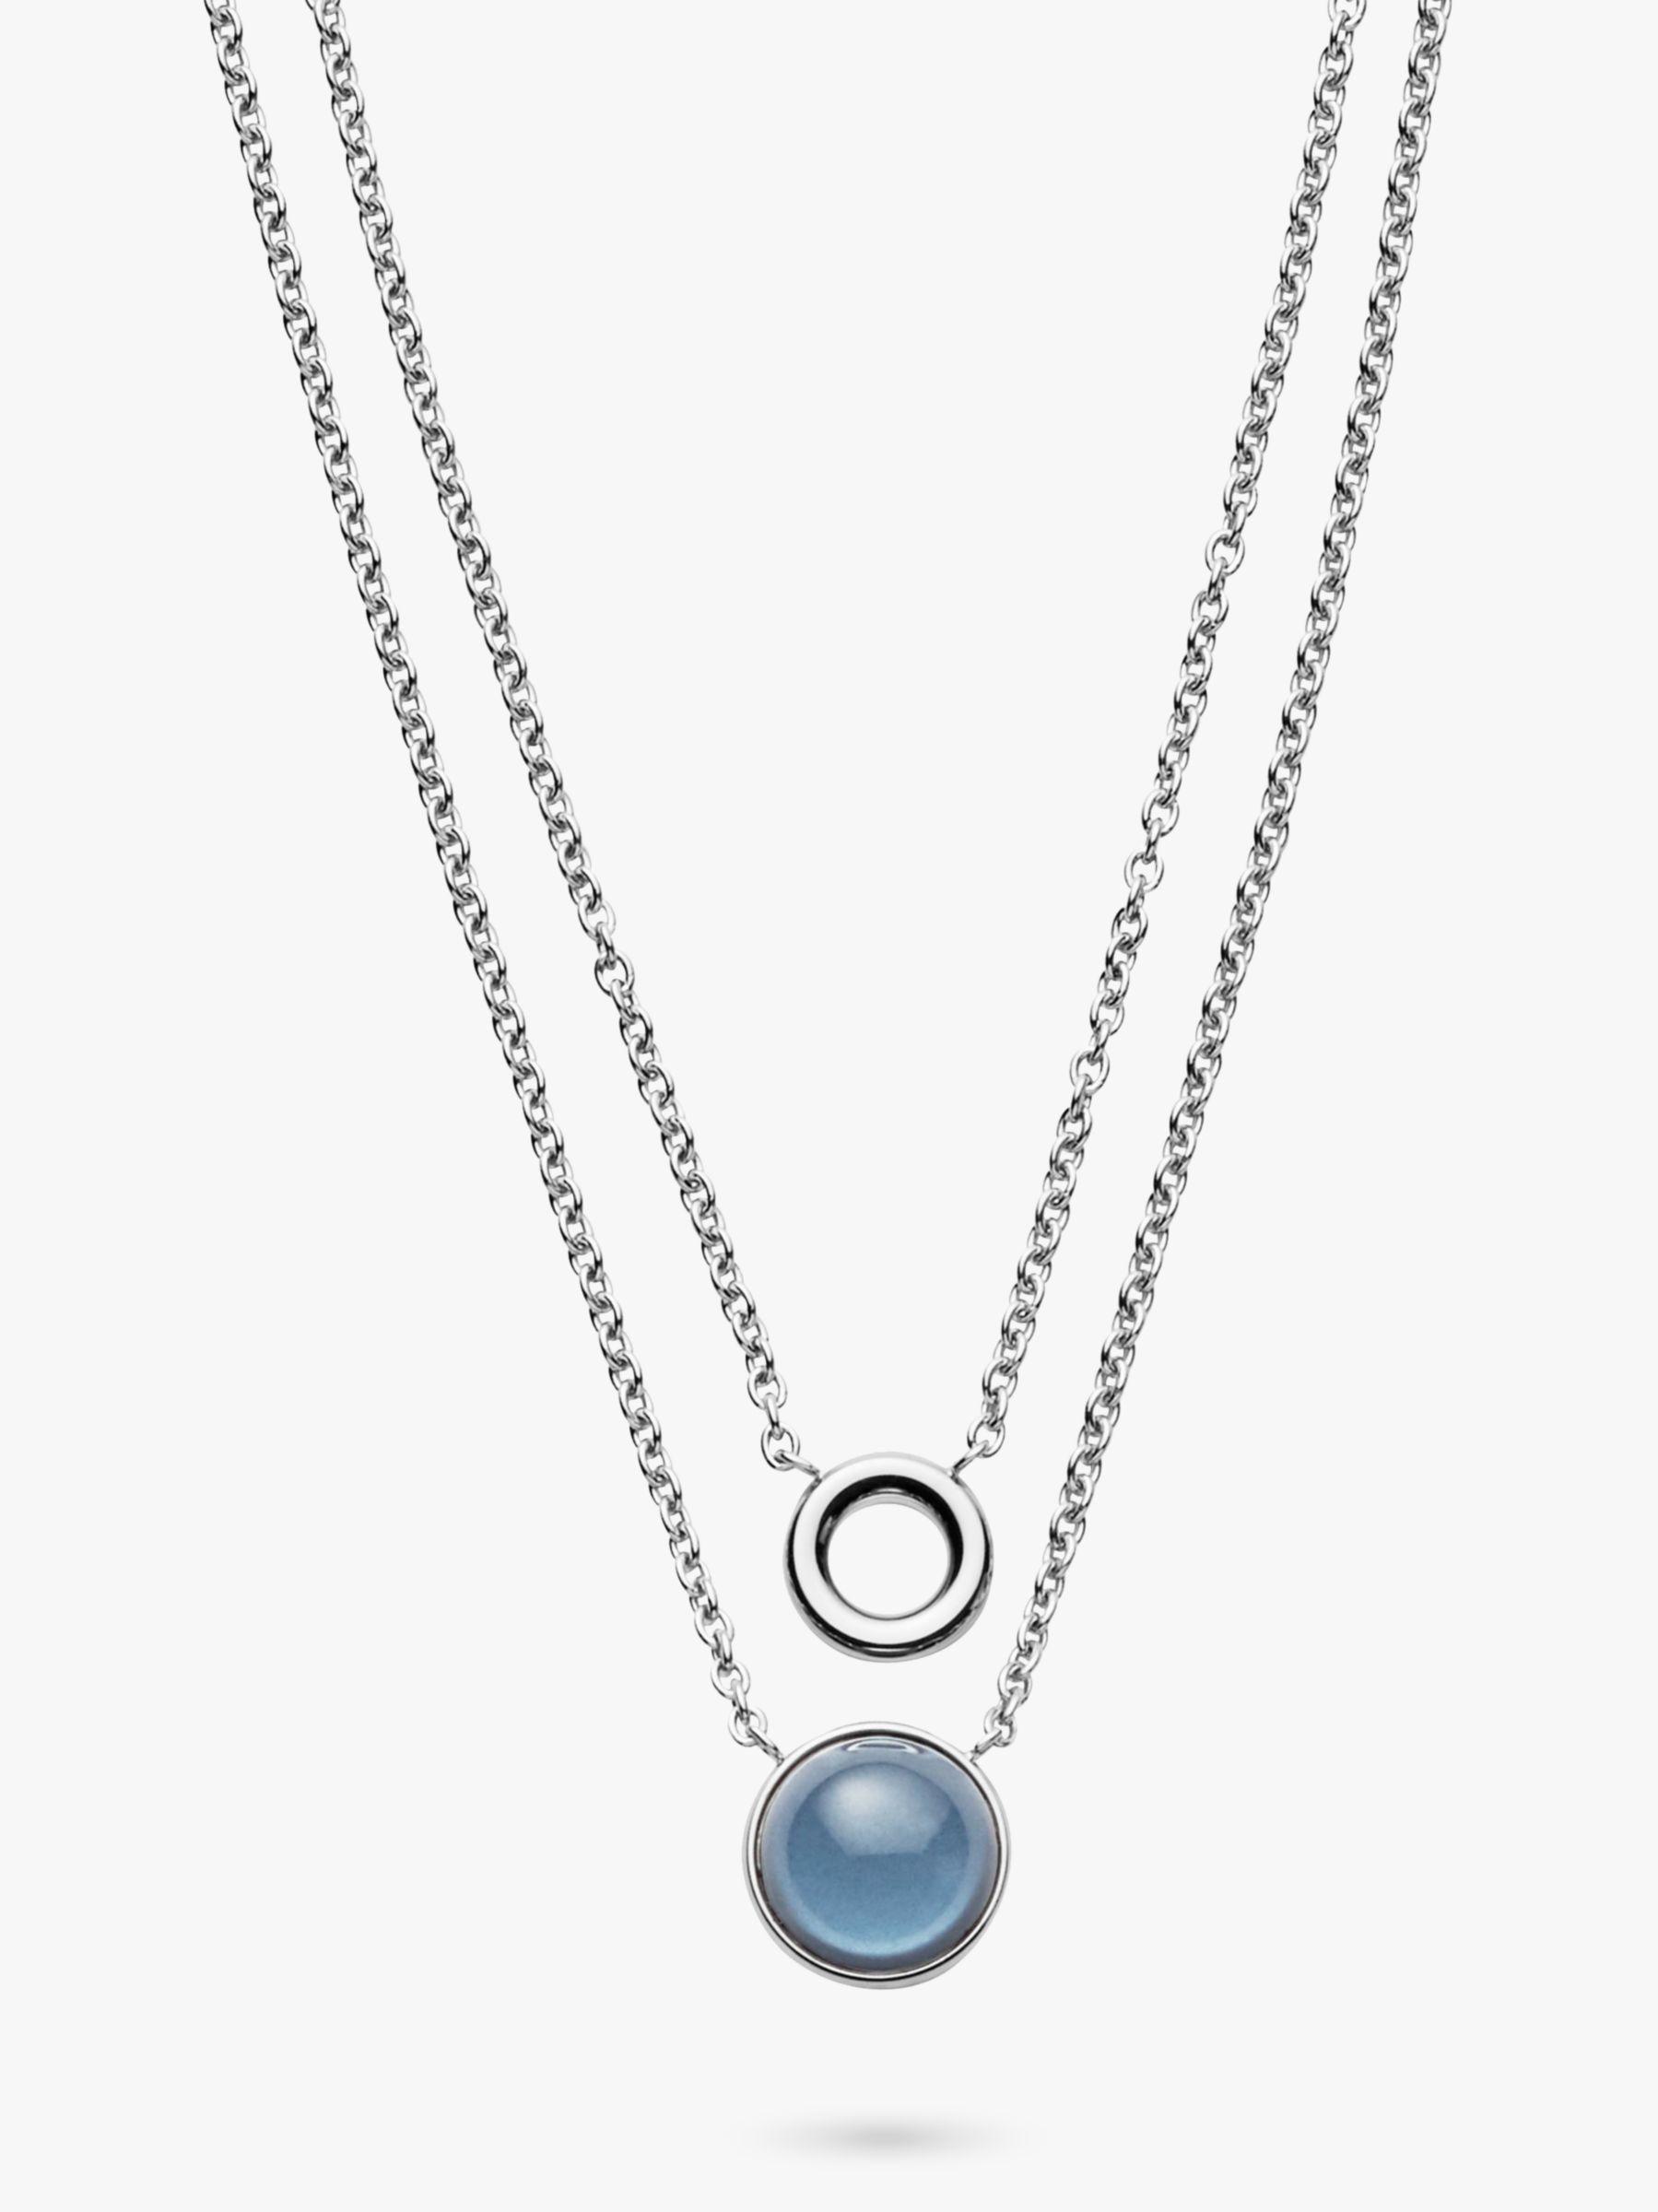 skagen Skagen Sea Glass Double Chain Pendant Necklace, Silver/Blue SKJ1046040